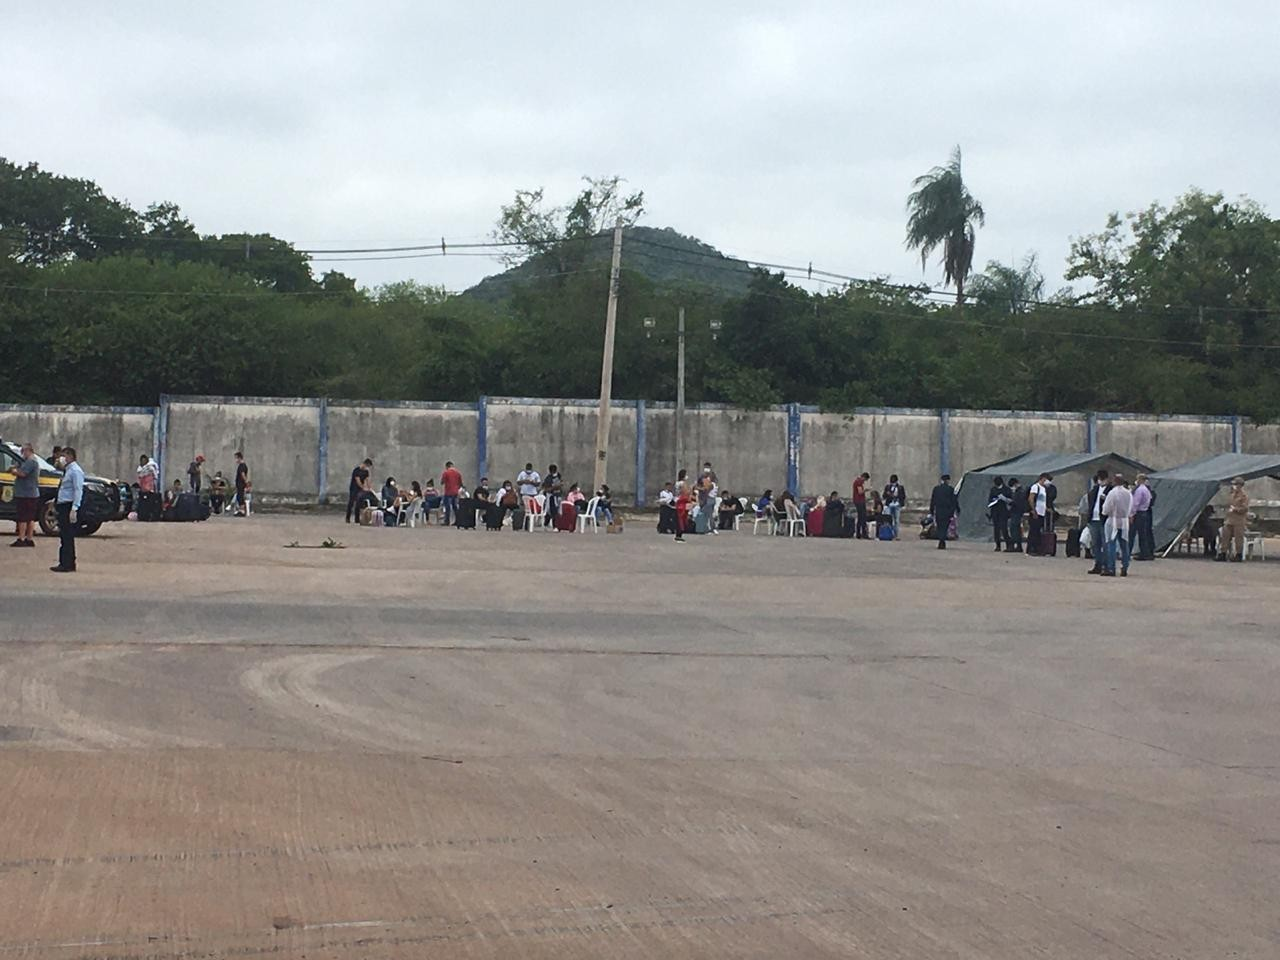 Brasileiros que estavam na Bolívia cruzam a fronteira a pé e começam a chegar no país